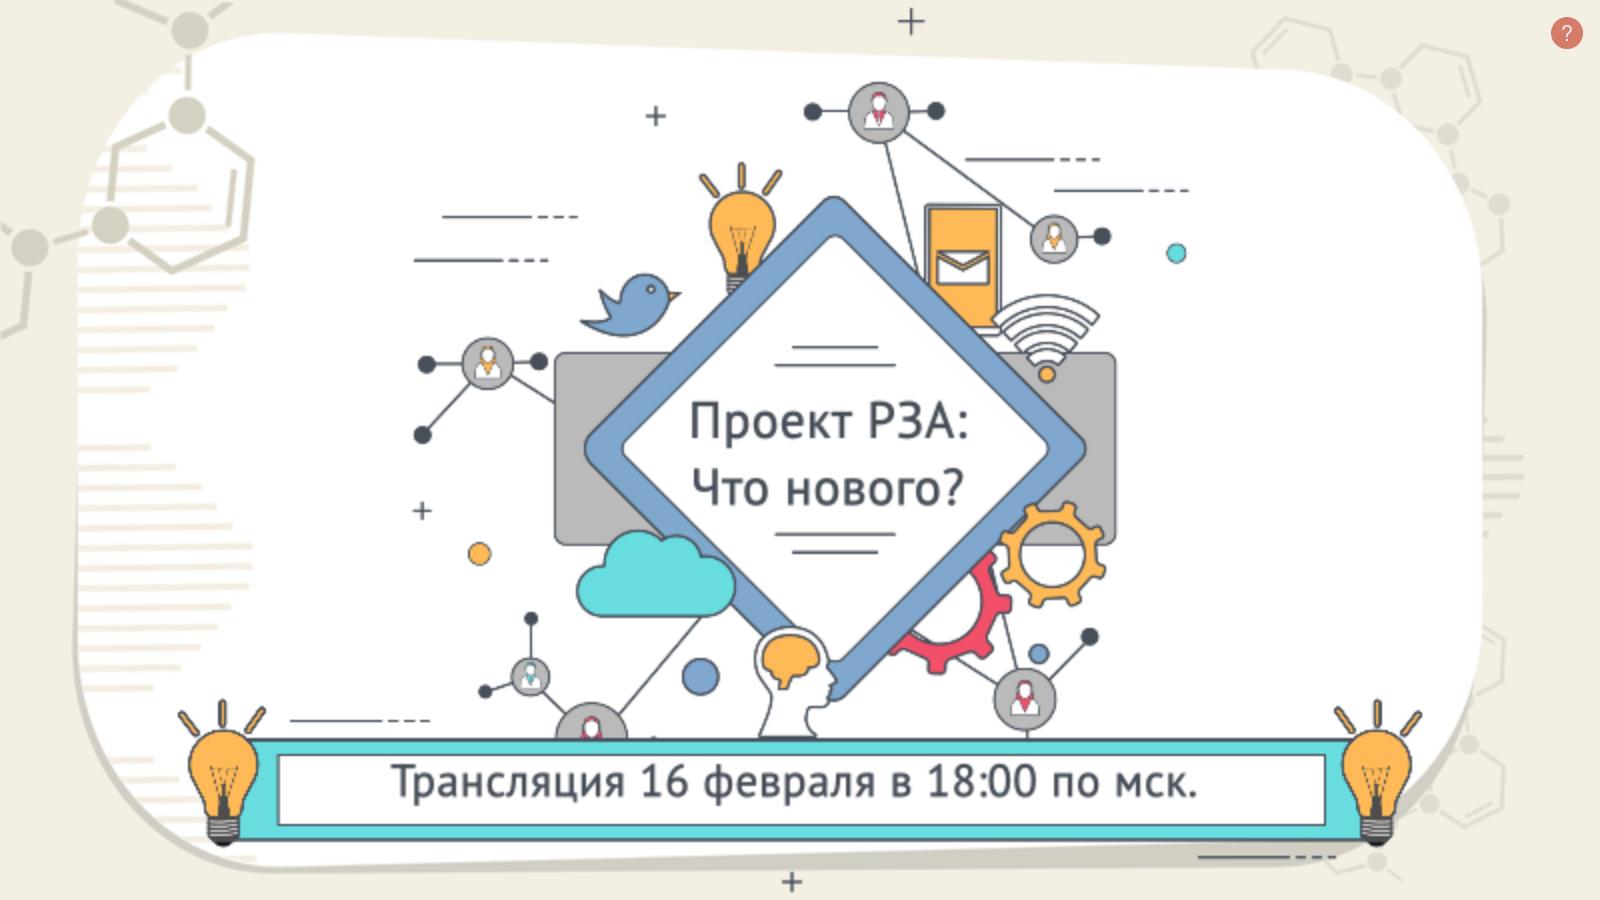 Трансляция Проекта РЗА